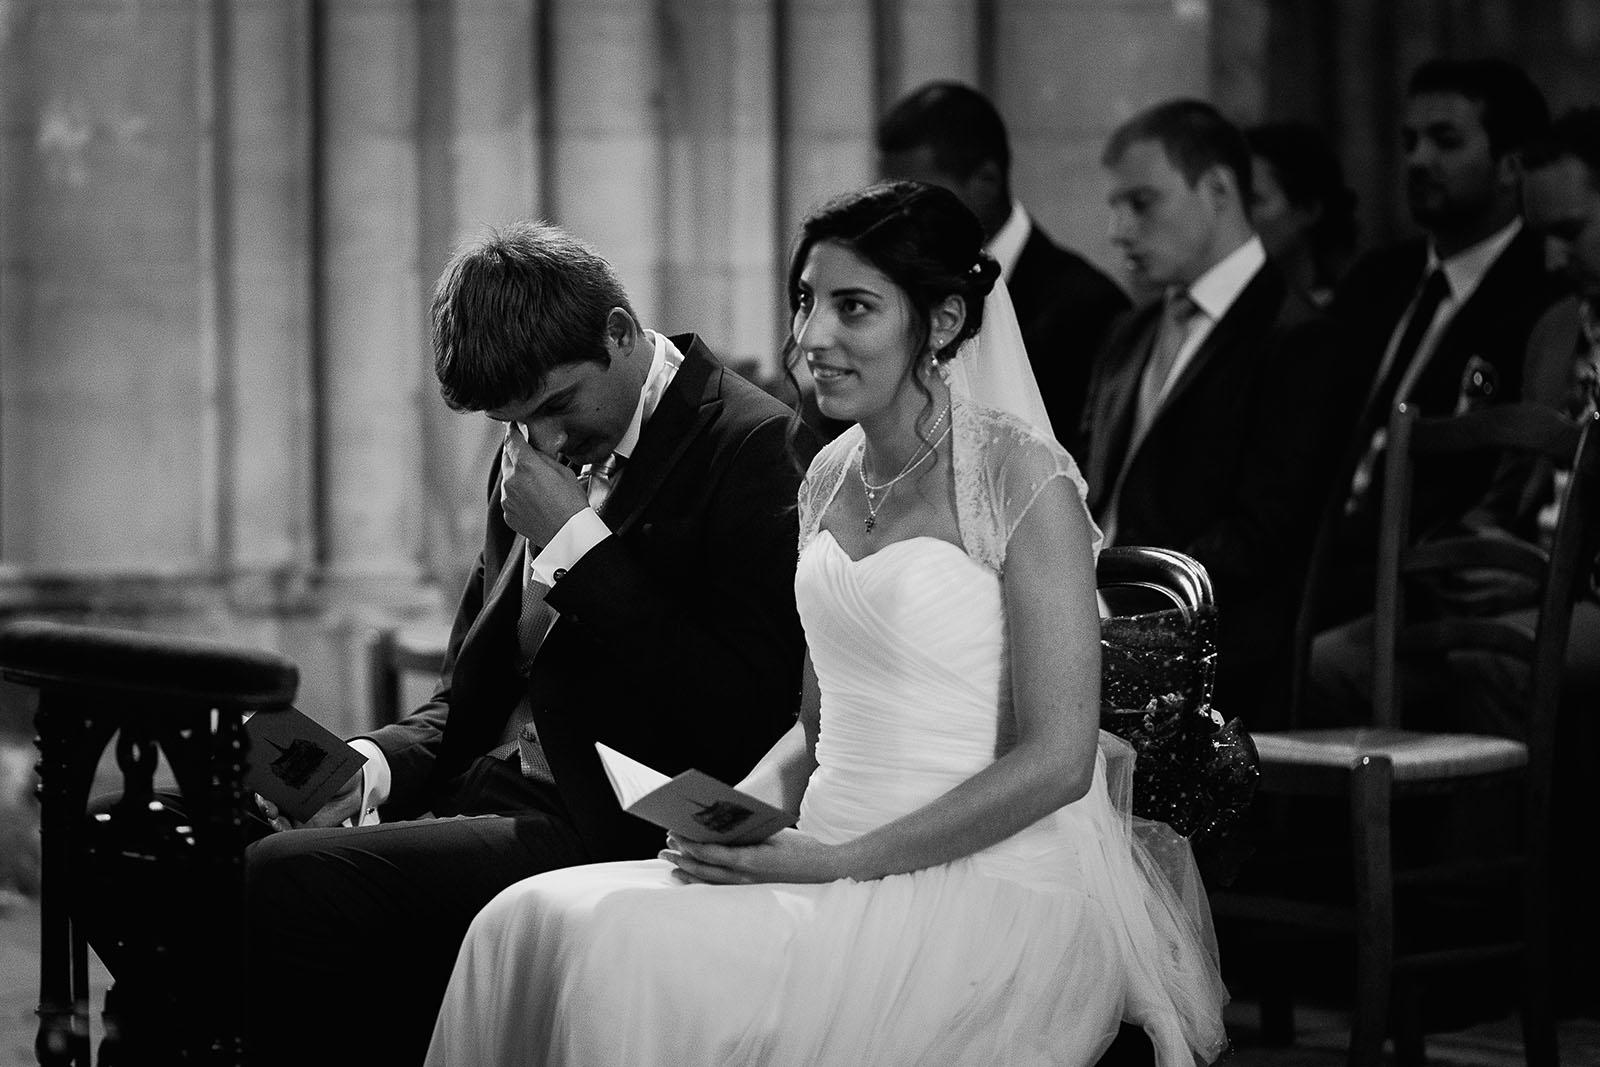 Mariage au Manoir de Corny en Normandie. Cérémonie religieuse le marié pleure